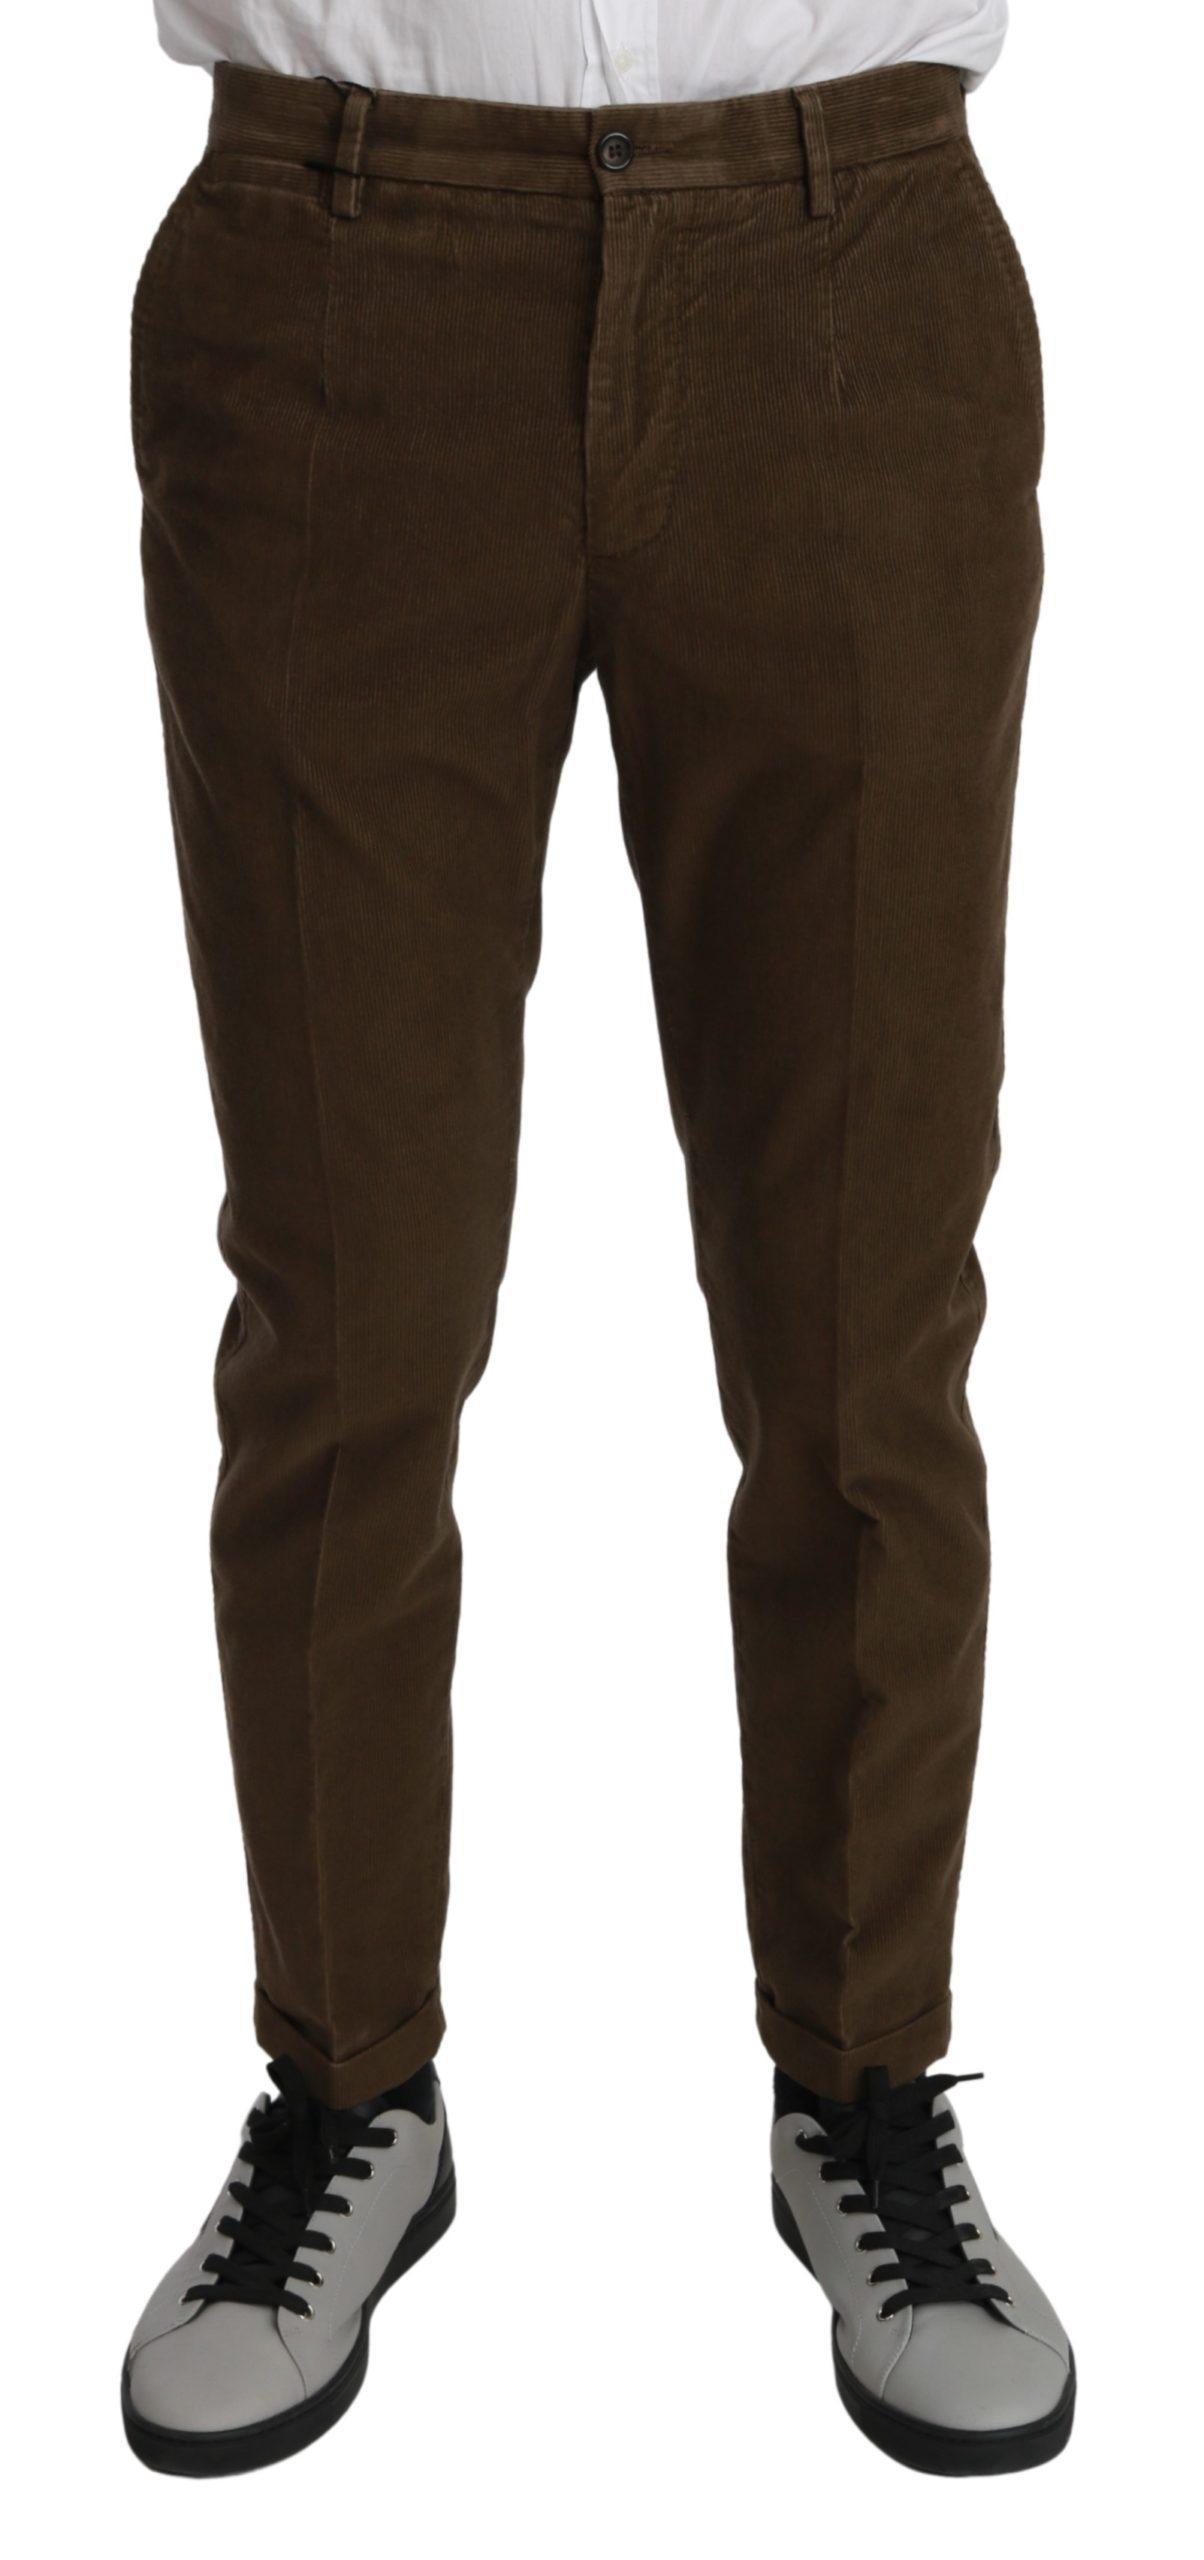 Dolce & Gabbana Men's Casual Cotton Trouser Brown PAN70966 - IT44 | XS